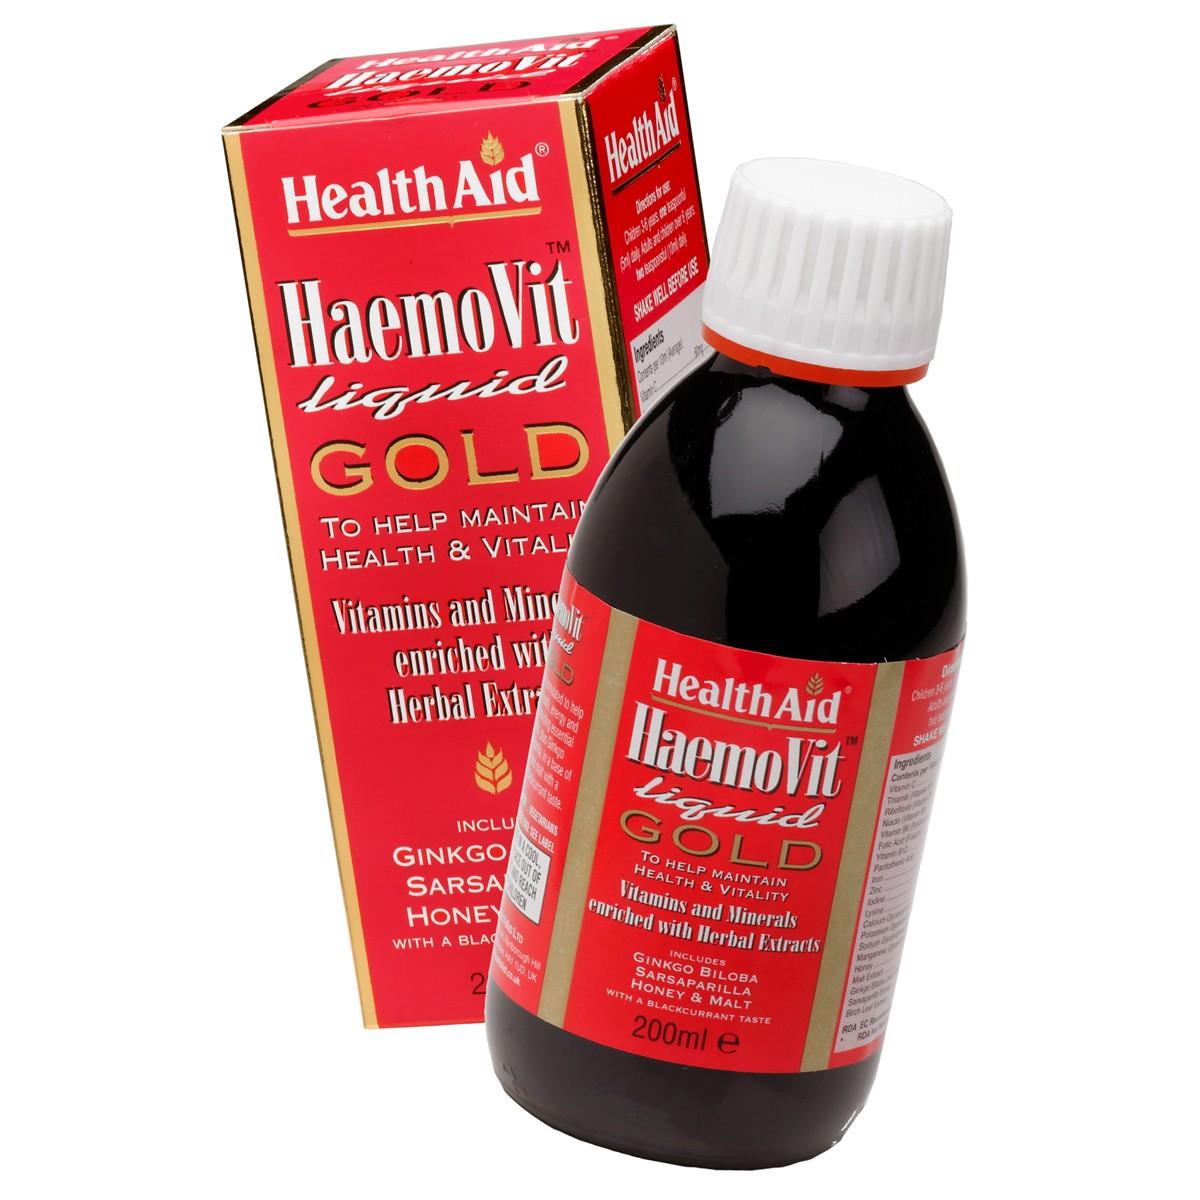 HealthAid Haemovit Gold Tonic Liquid